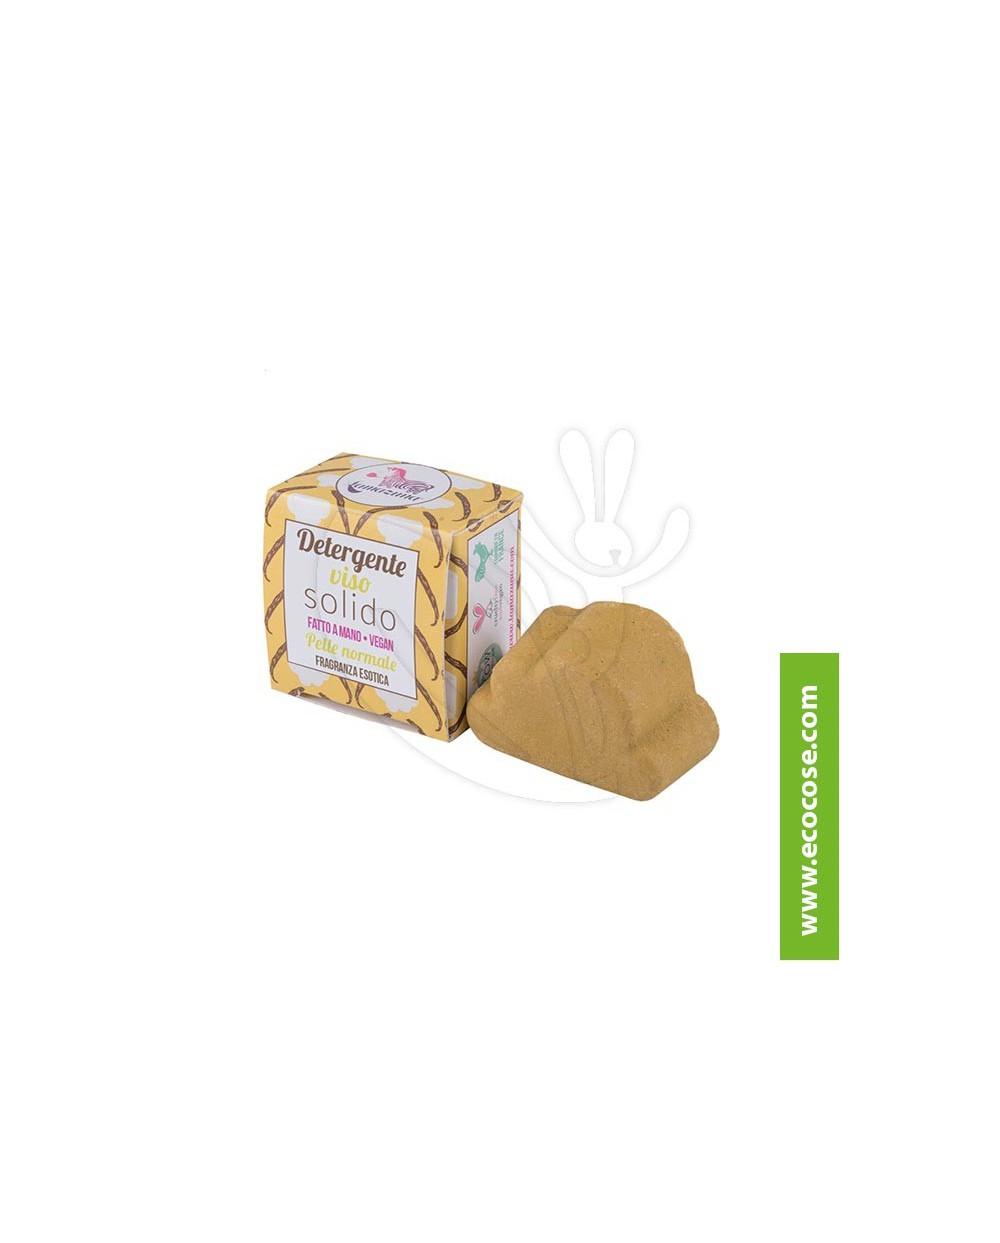 Lamazuna - Detergente viso solido fragranza esotica - Pelle normale